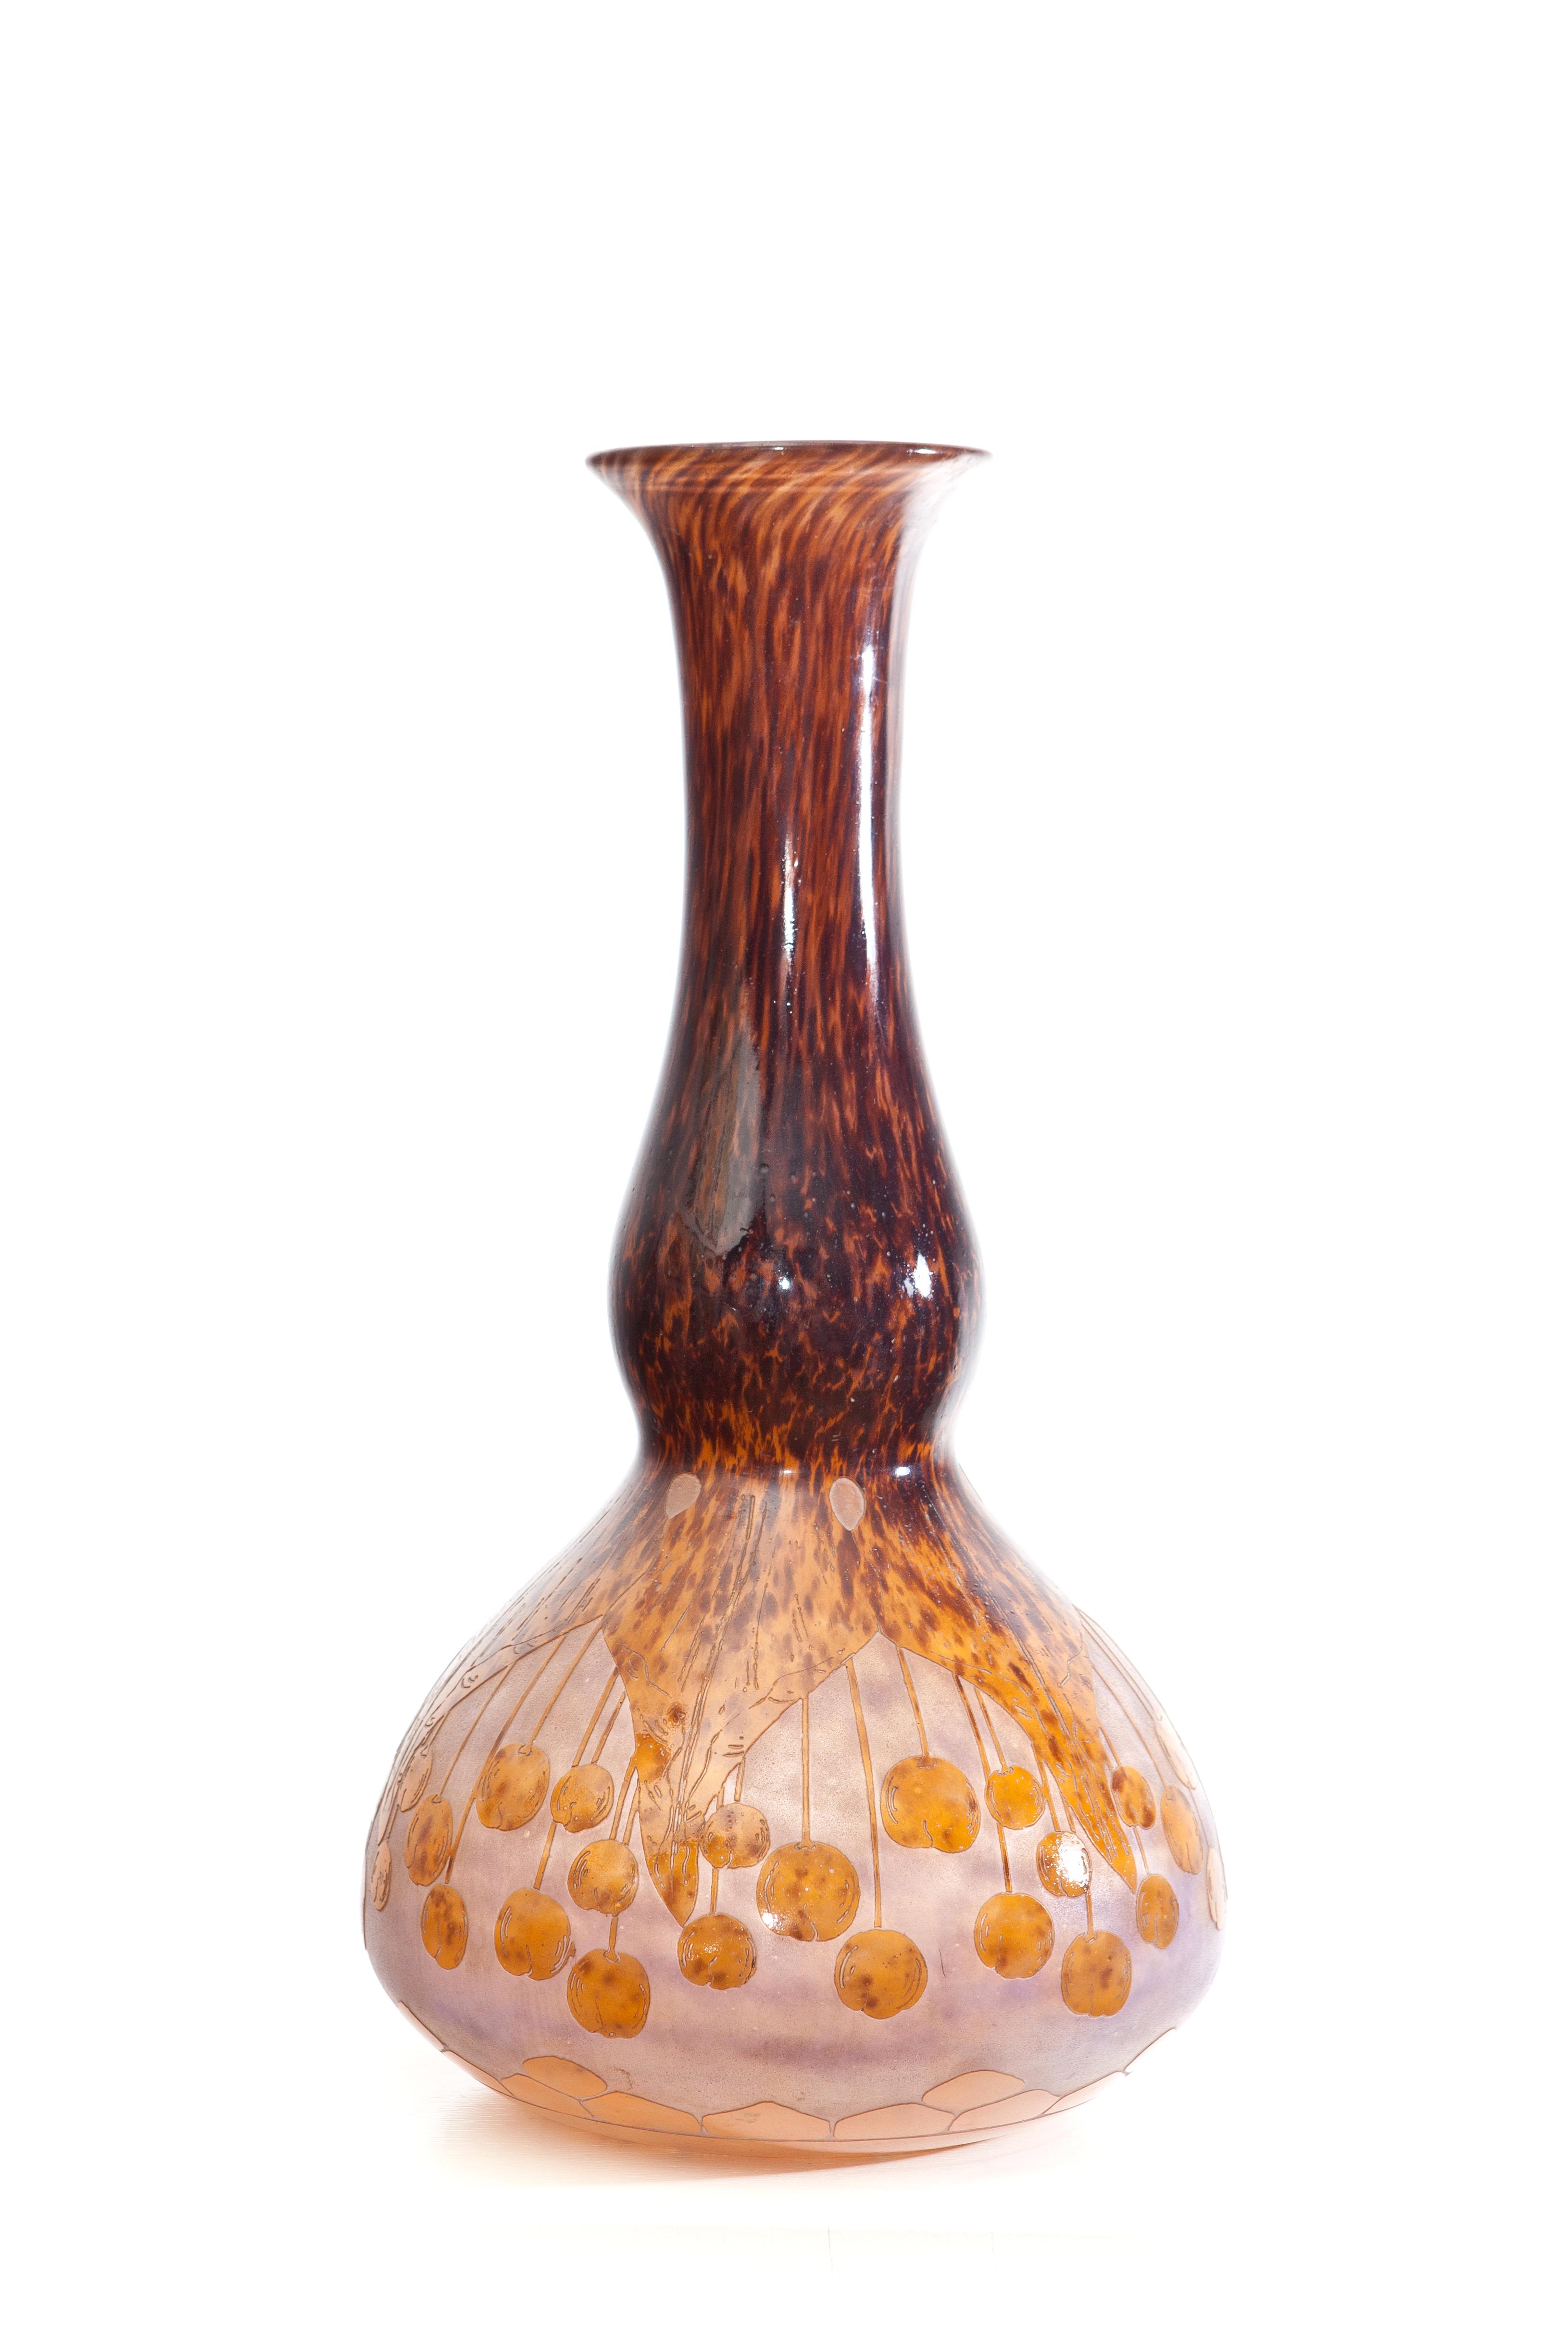 Le verre francais vase coprins